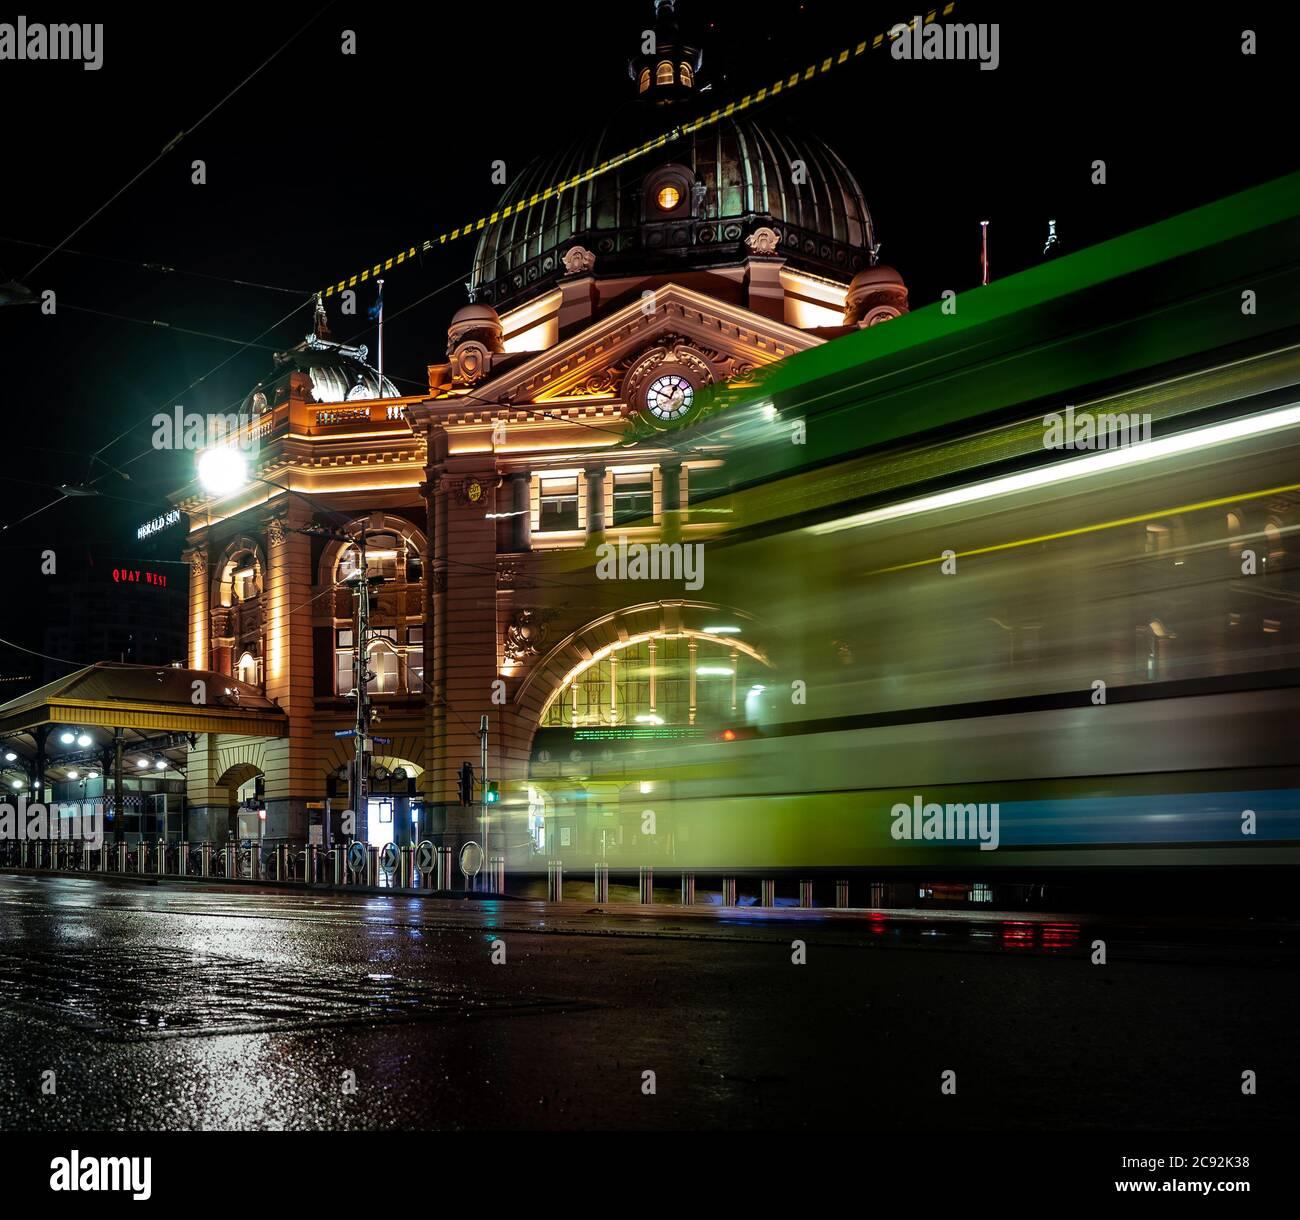 Straßenbahnen und Autos vor der berühmten melbourne Flinders Street Station sind von Lichtern durchleuchtet Stockfoto